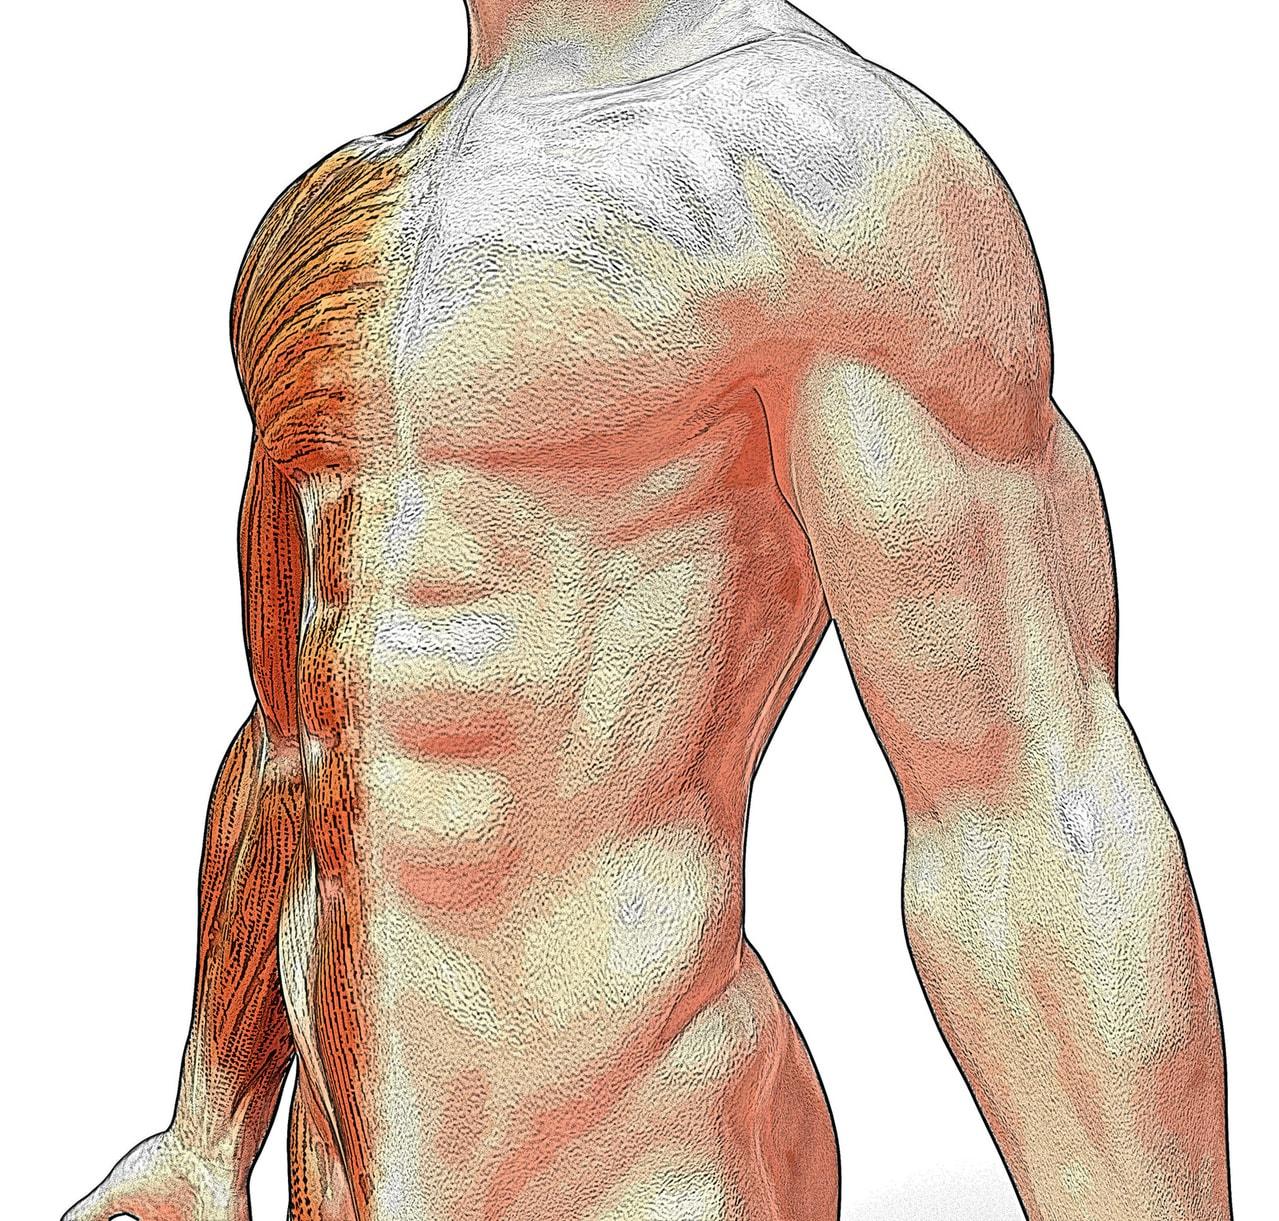 Comment prendre de la masse musculaire rapidement et